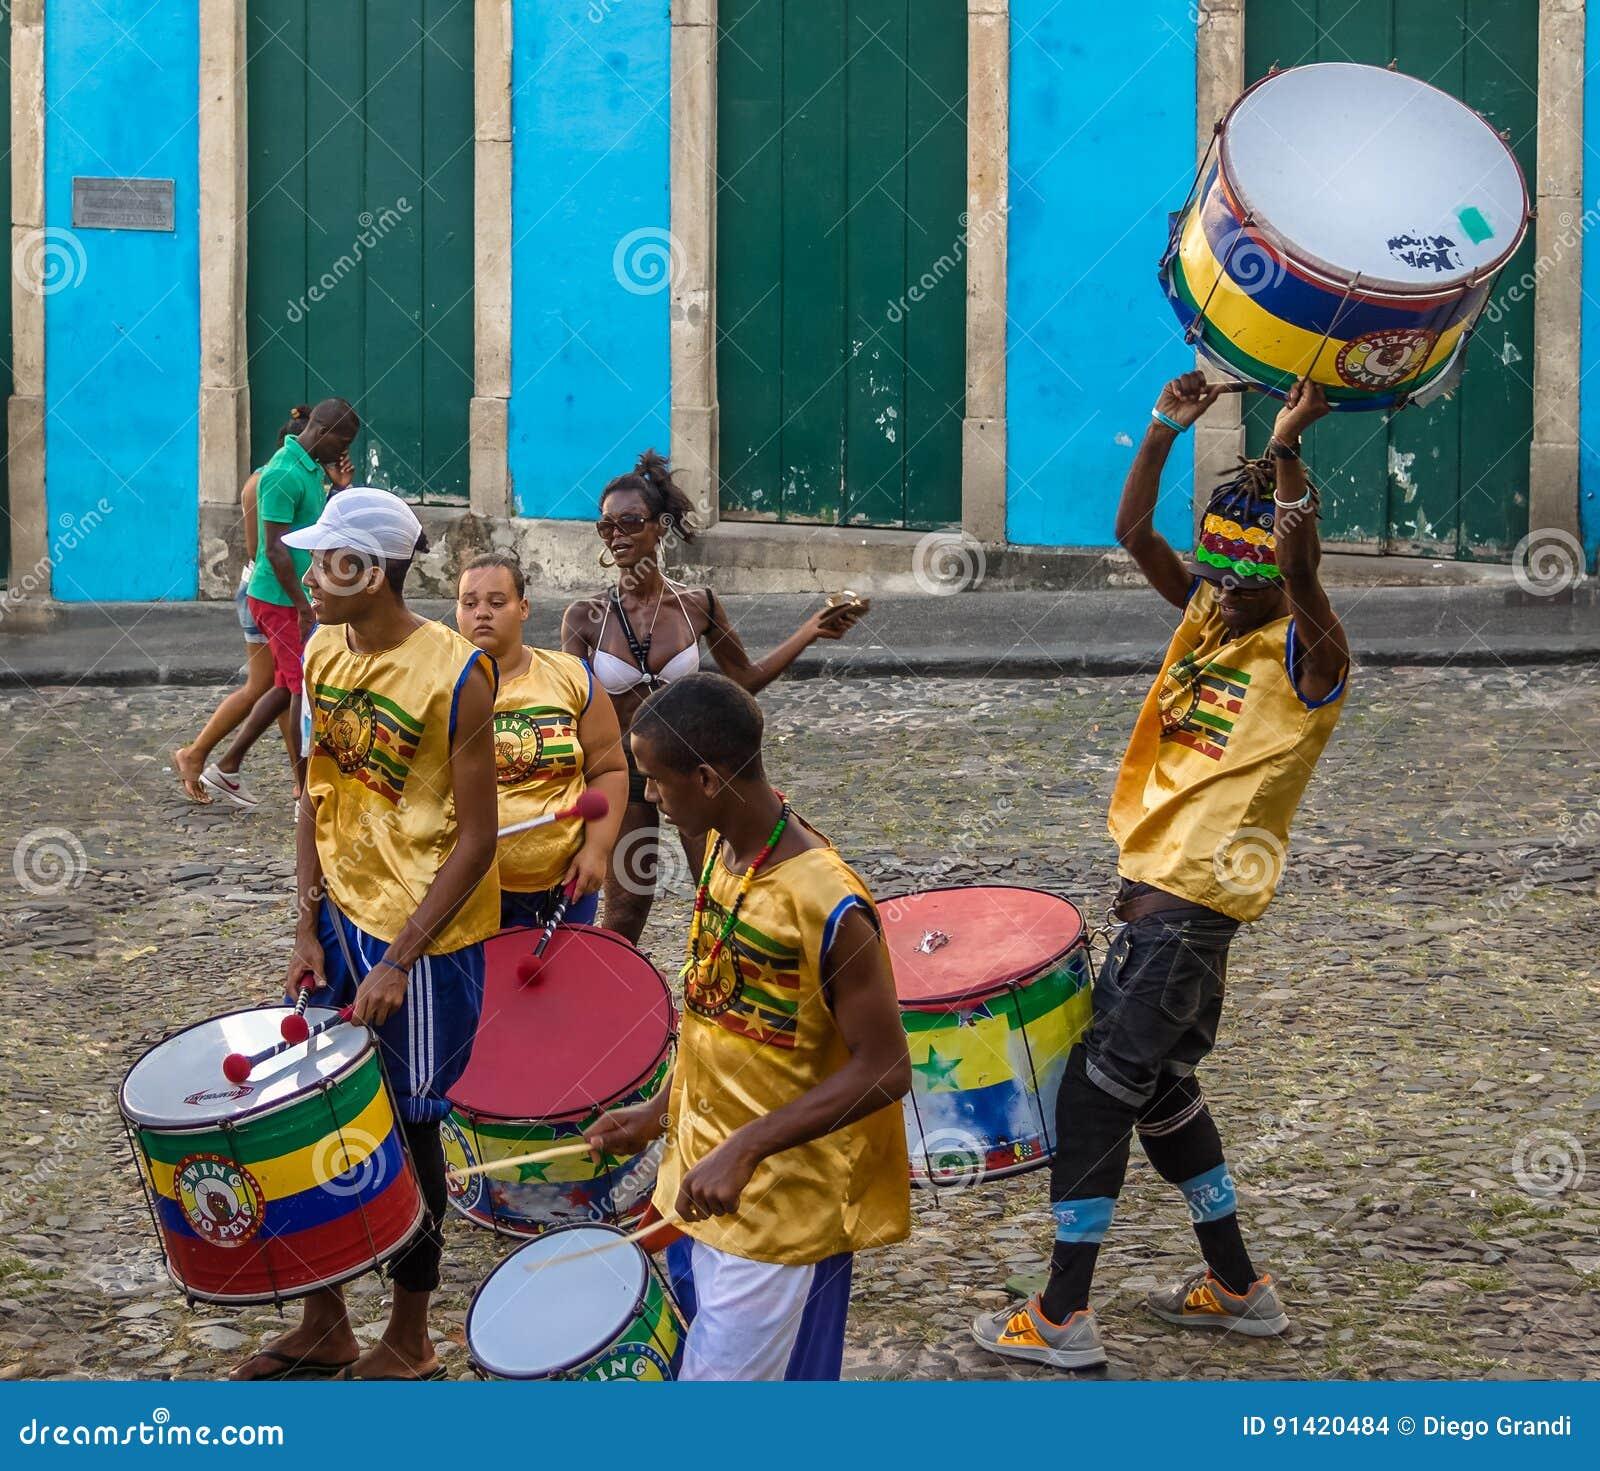 Braziliaanse trommelende groep op de straten van Pelourinho - Salvador, Bahia, Brazilië